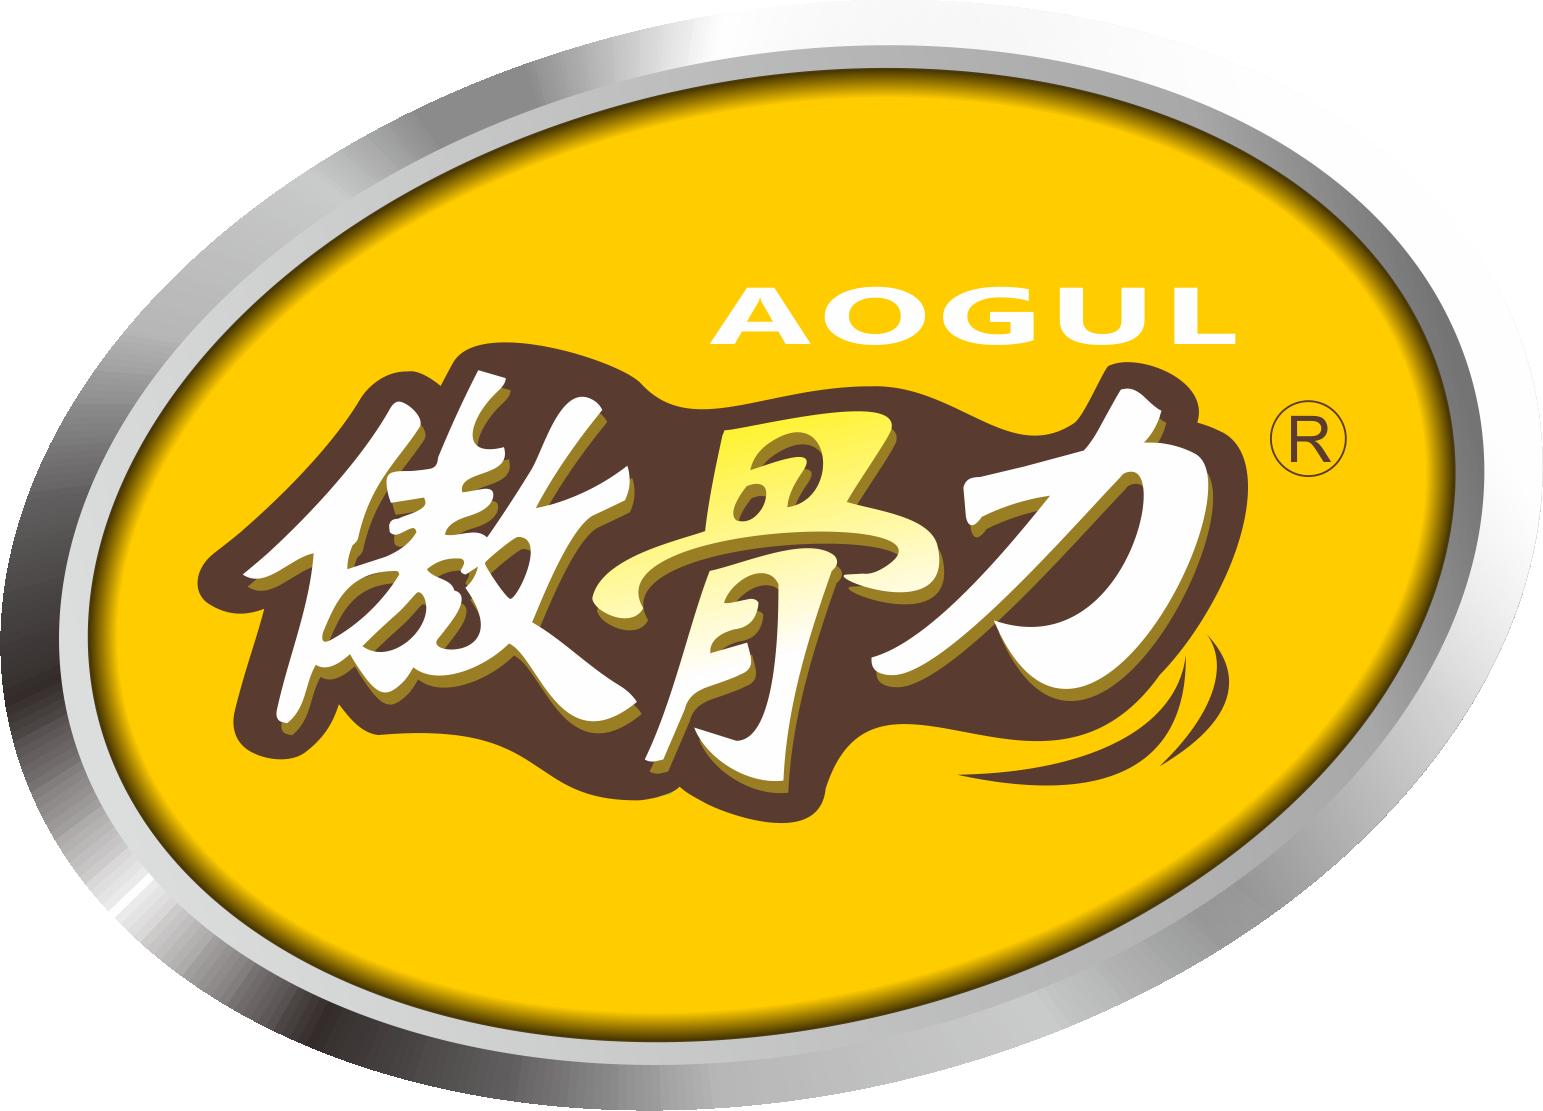 傲骨力logo